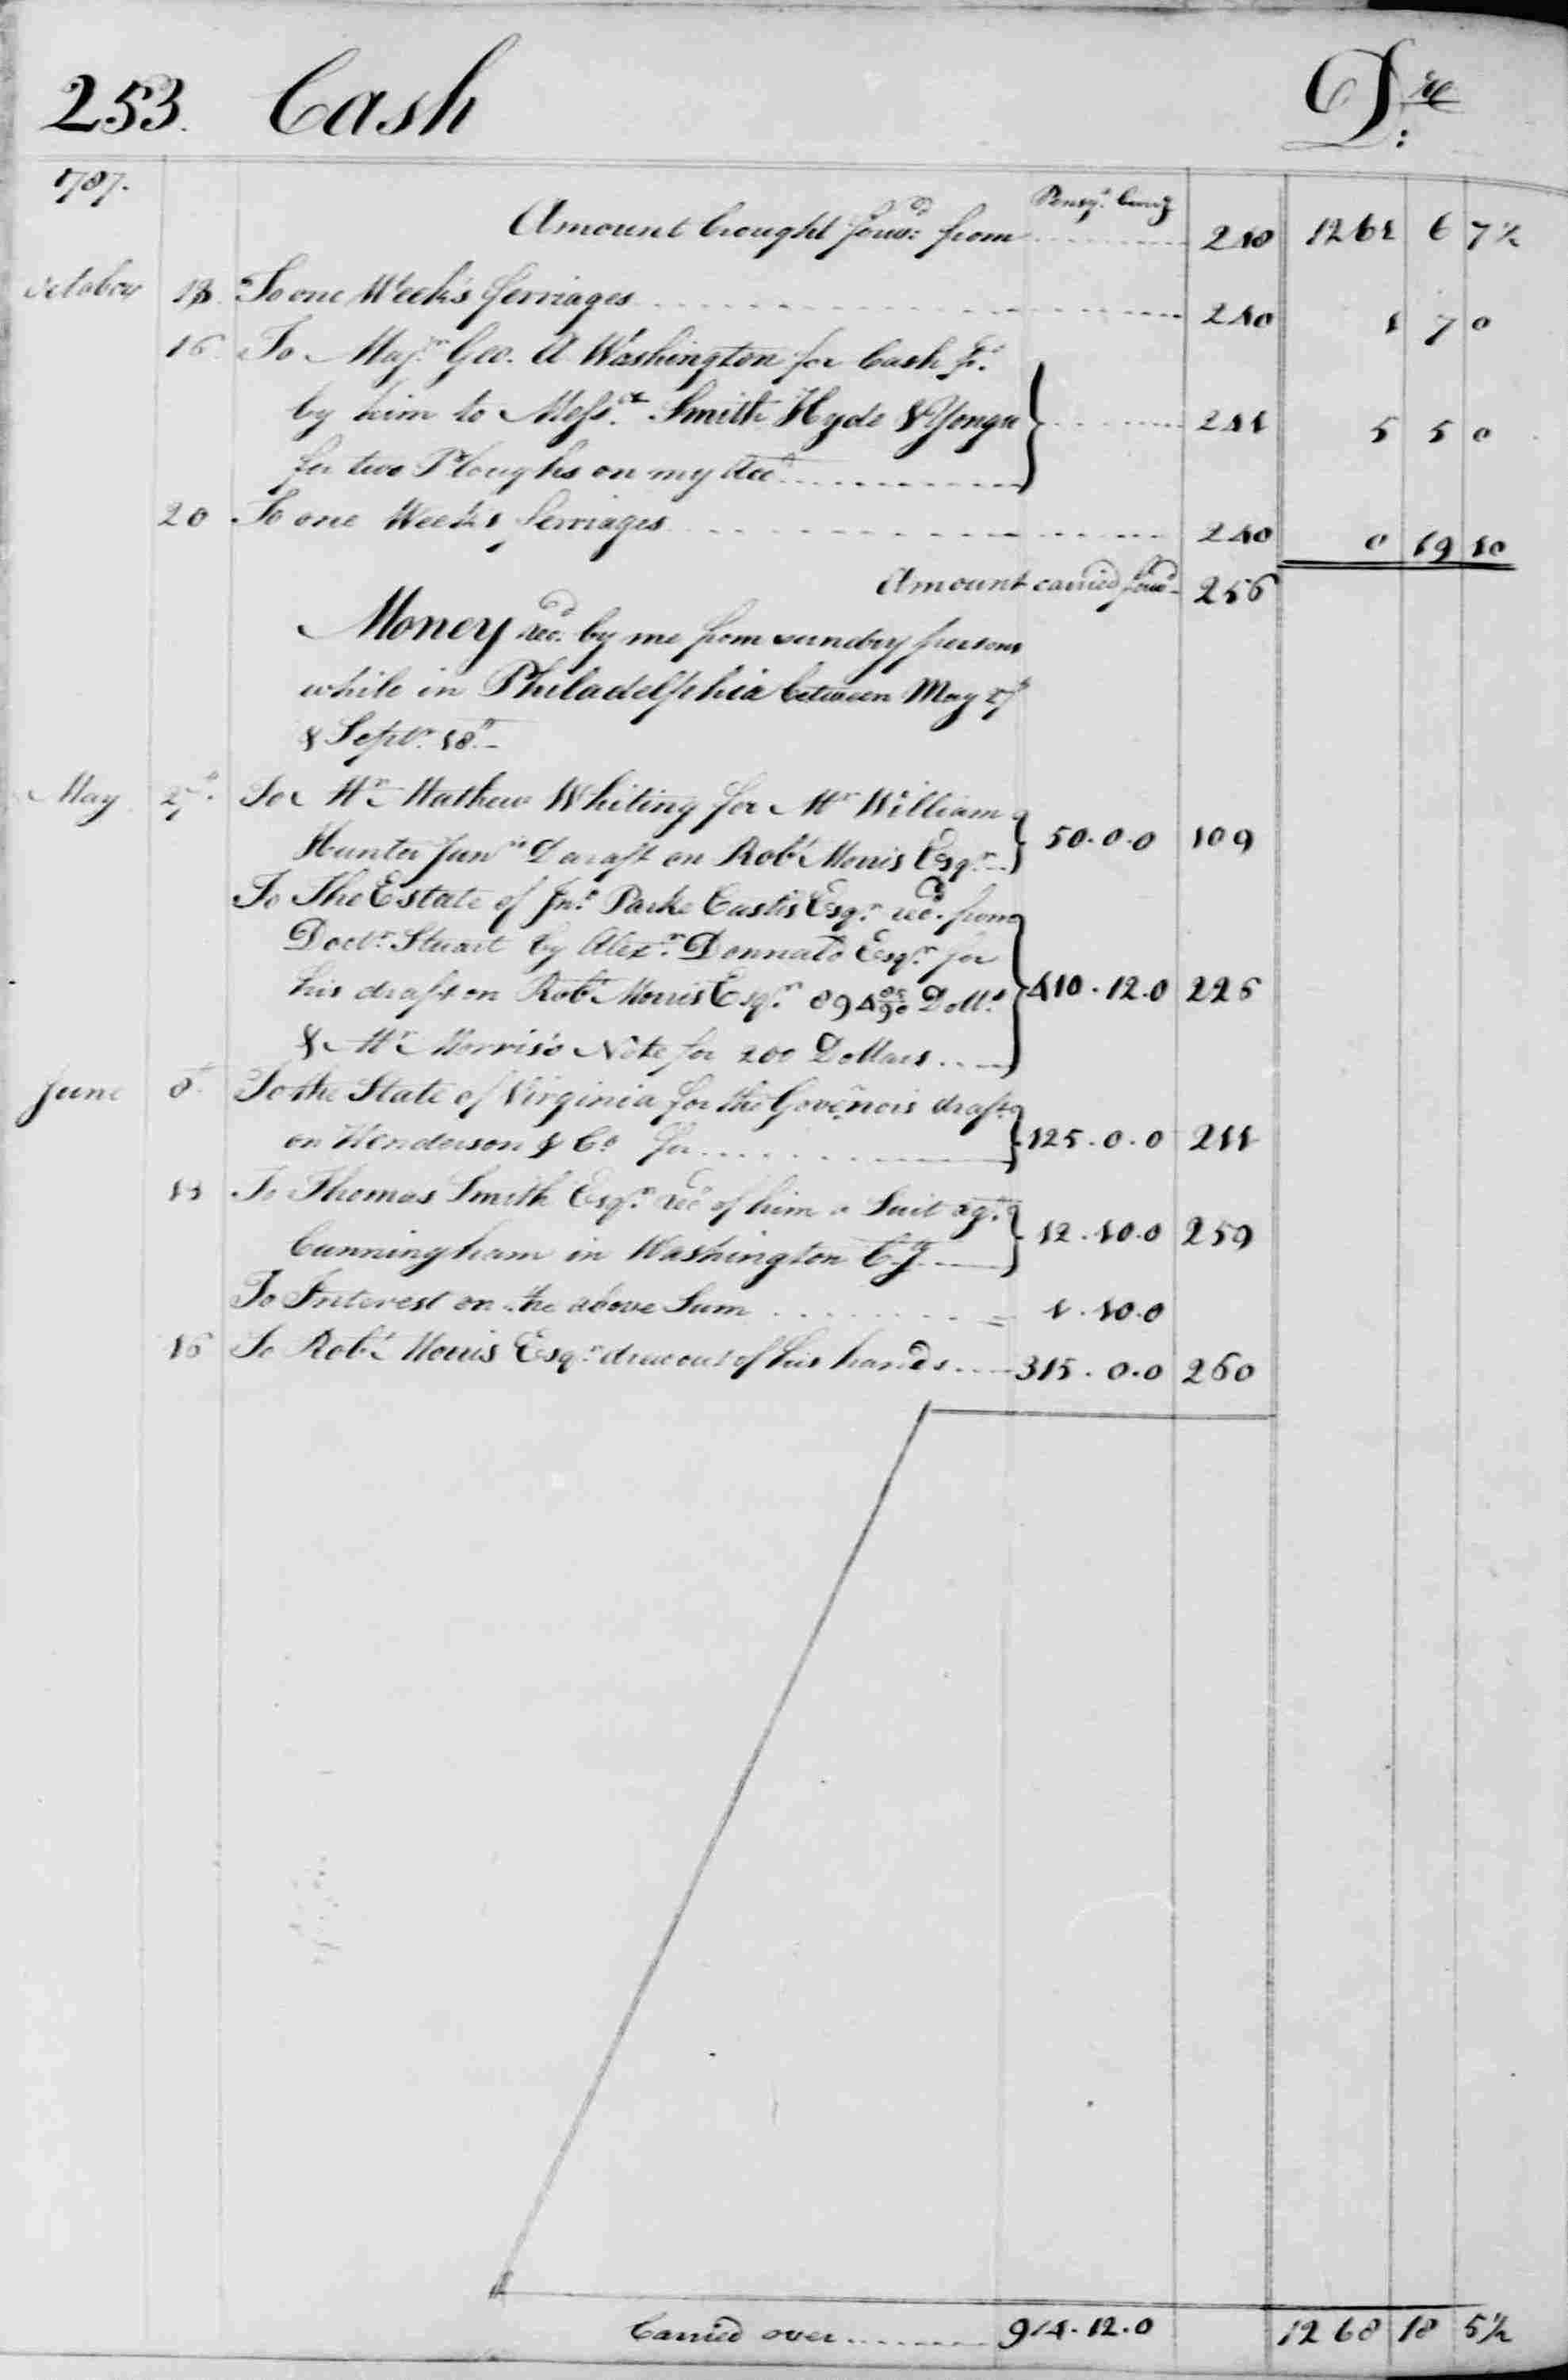 Ledger B, folio 253, left side